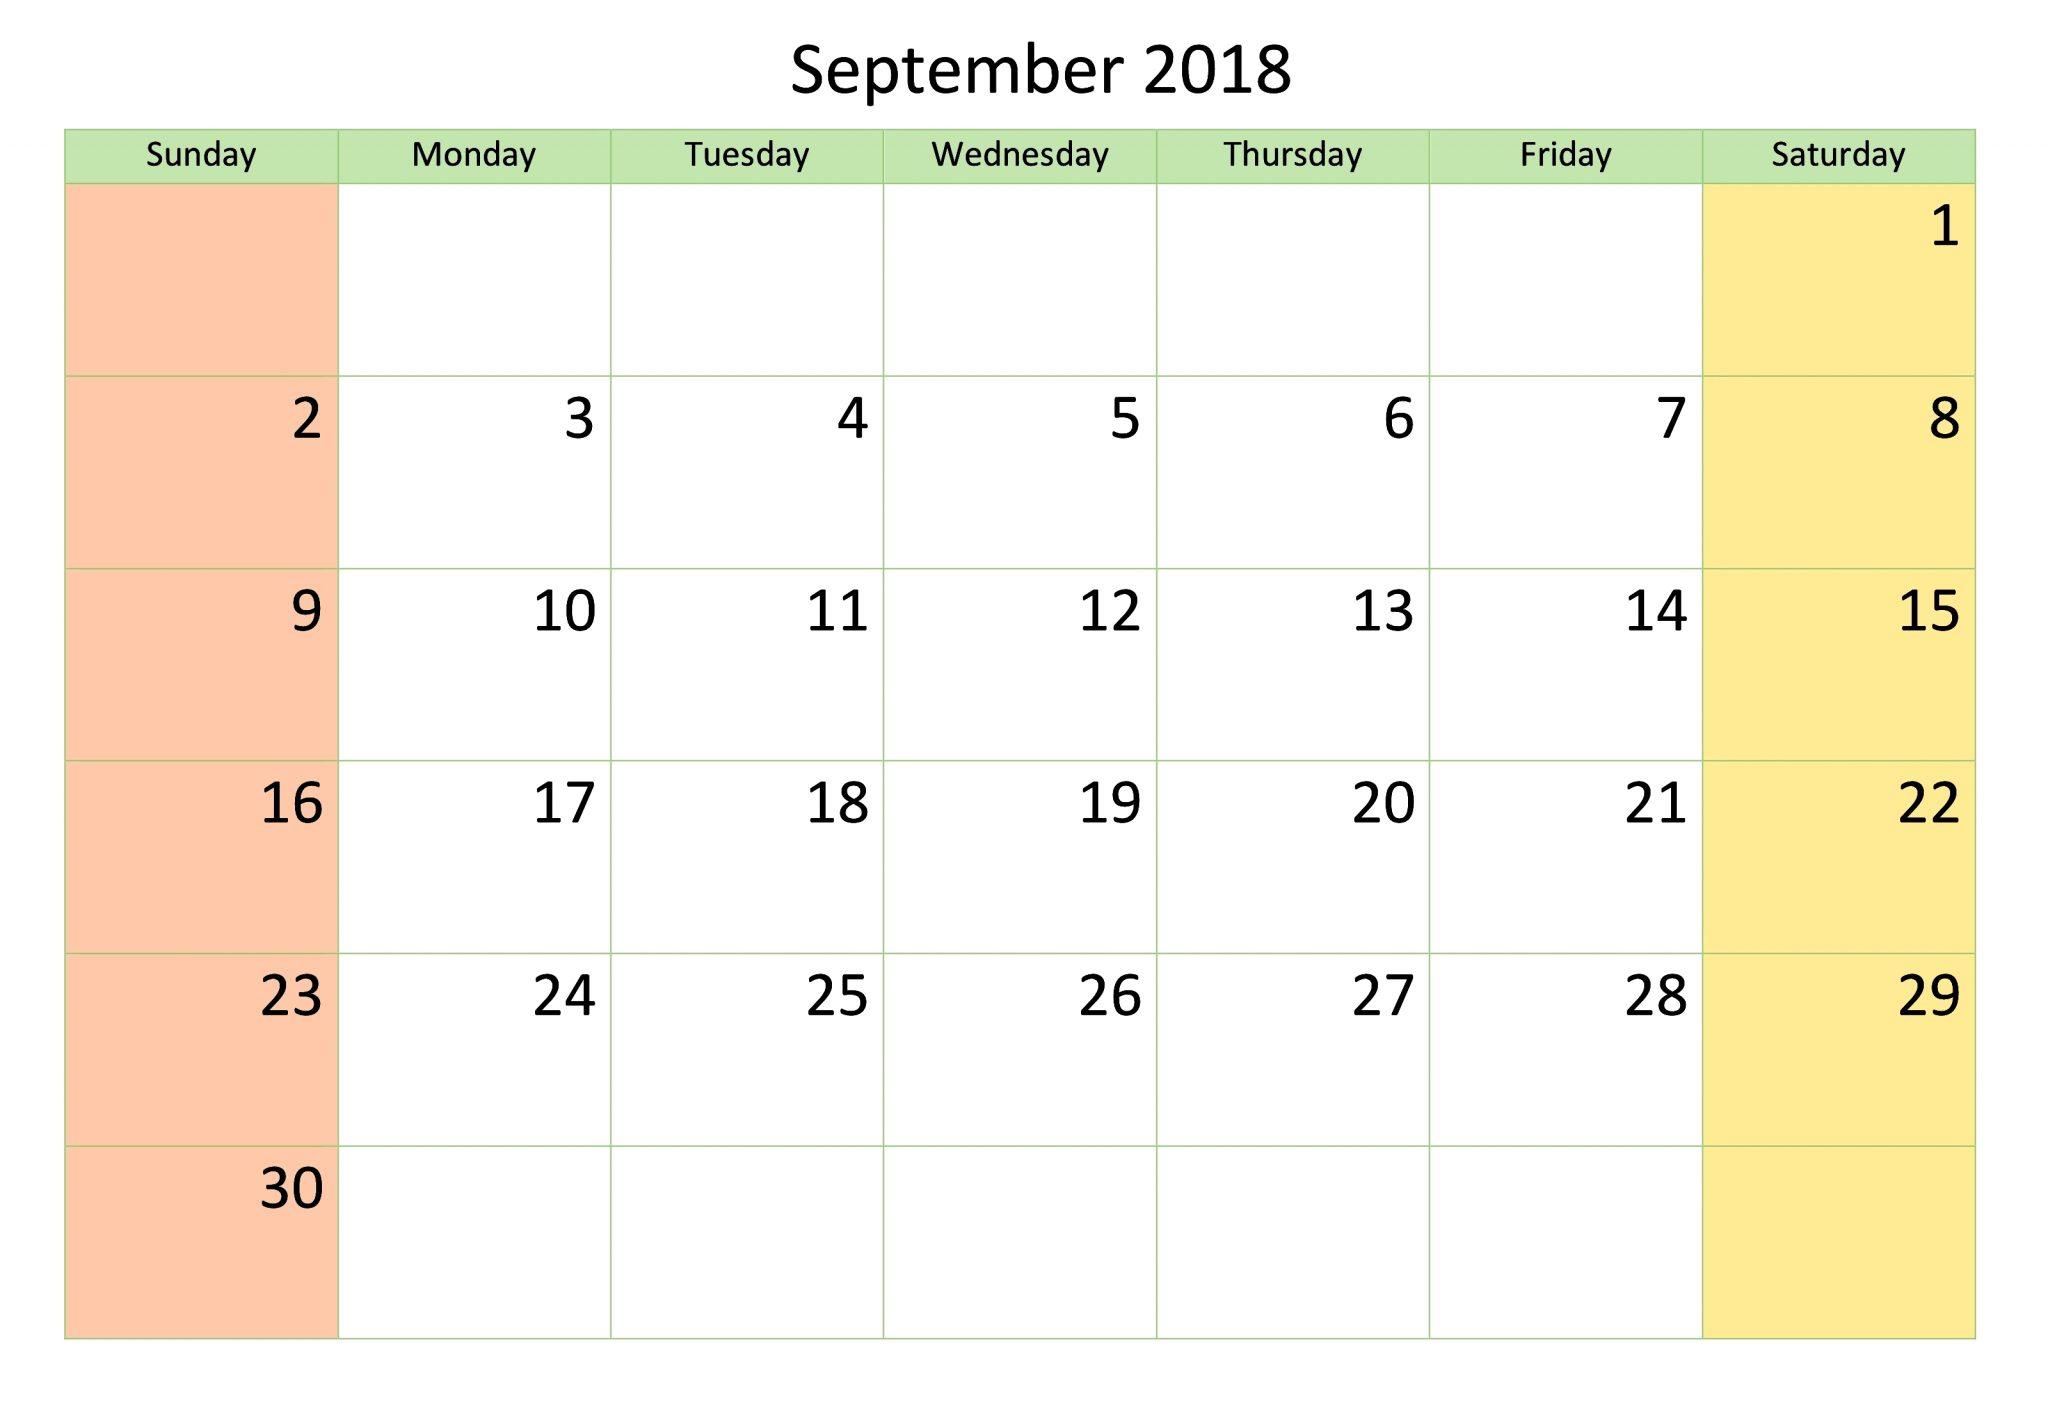 September Calendar 2018 Sheet